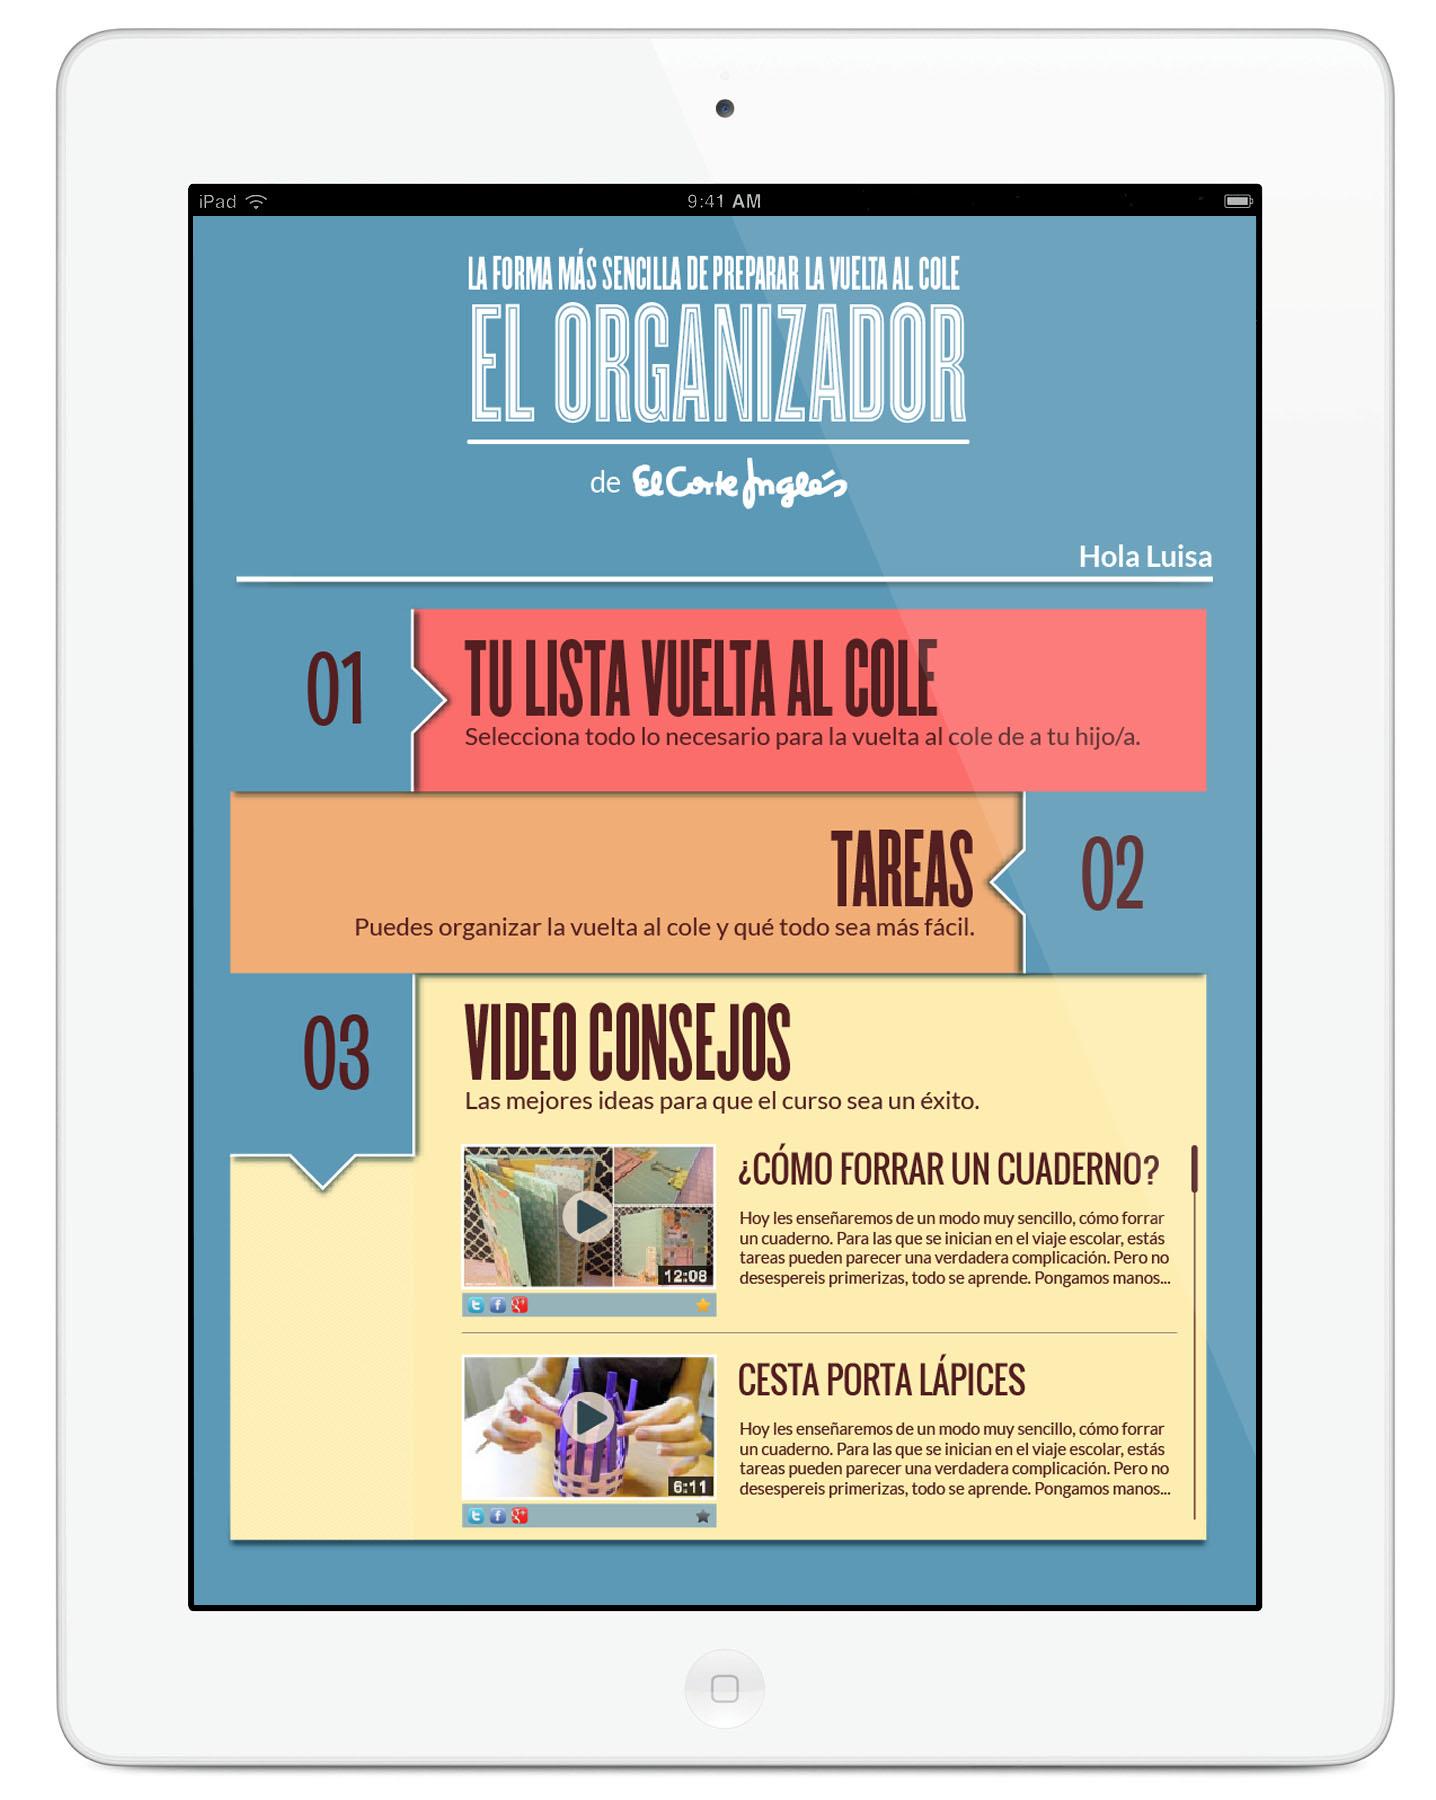 Organizador_03